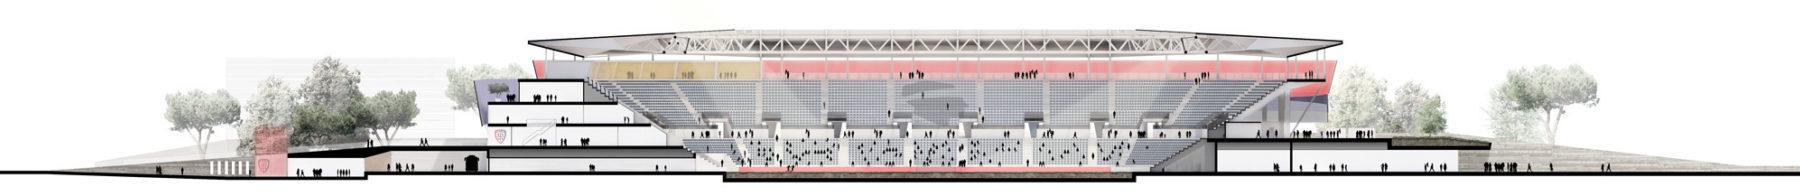 Sant'Elia Cagliari Calcio Football Stadium